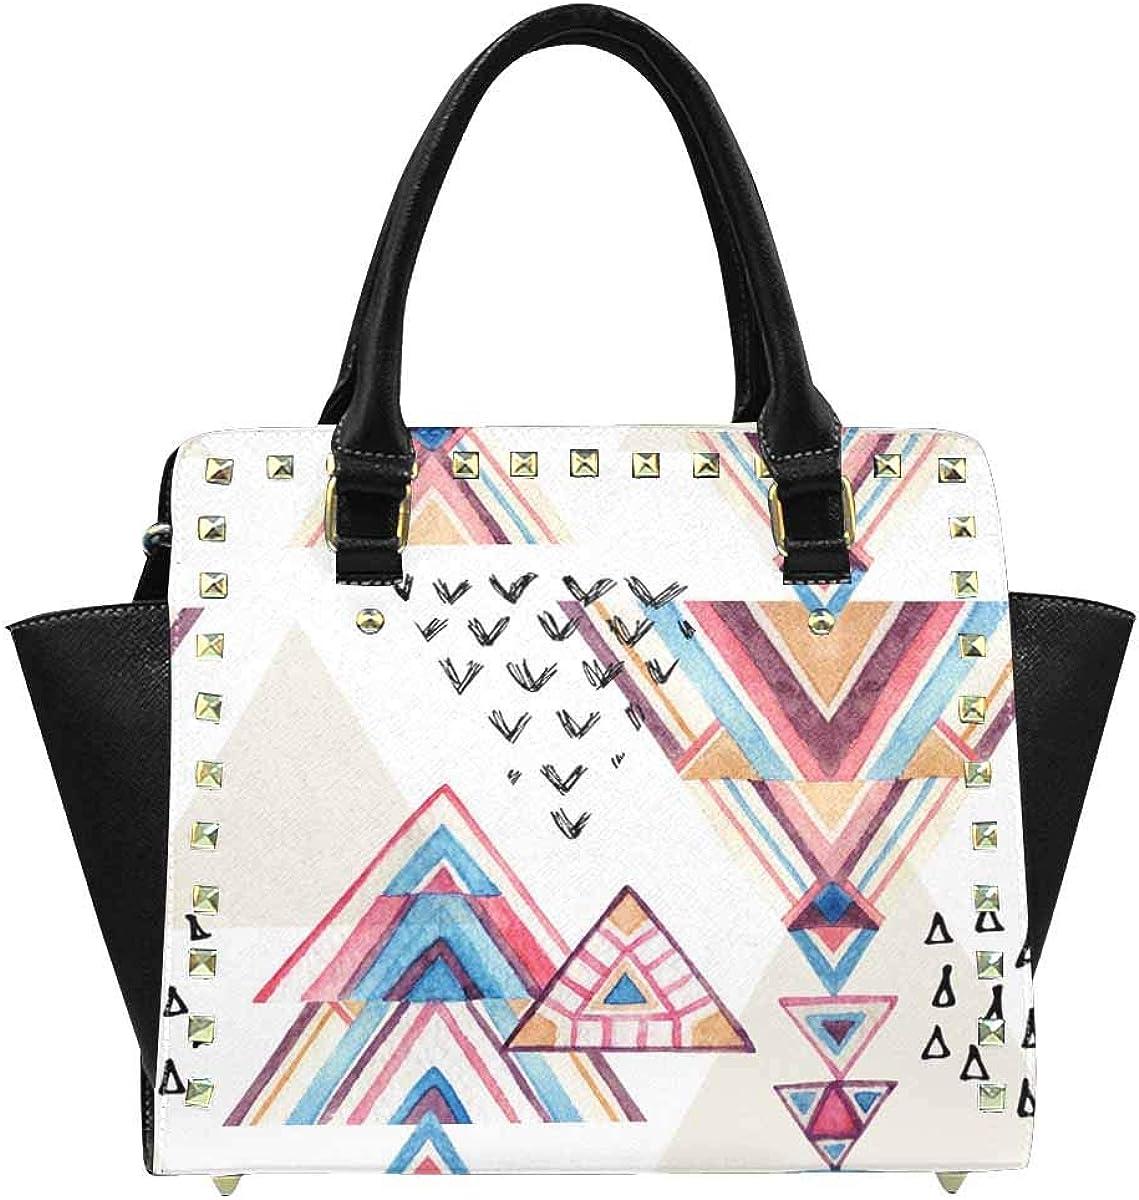 INTERESTPRINT Watercolor Geometric Purses and Handbags Shoulder Bag for Women Ladies Girls